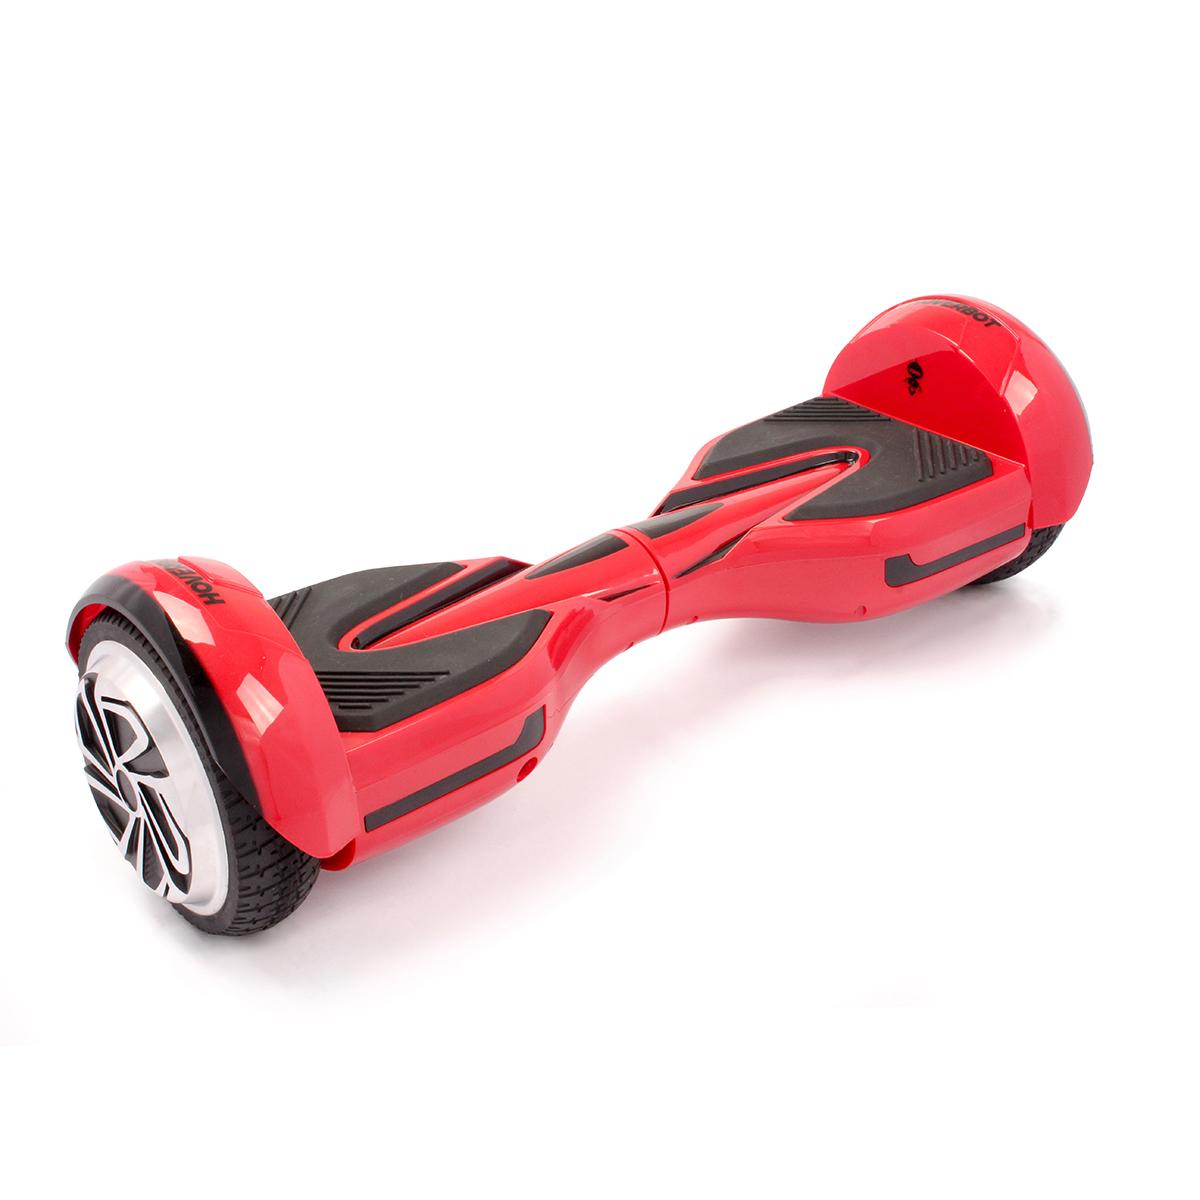 """Гироскутер Hoverbot """"A-12 (H-2)"""", цвет: красный, Hoverbot (Sport)"""